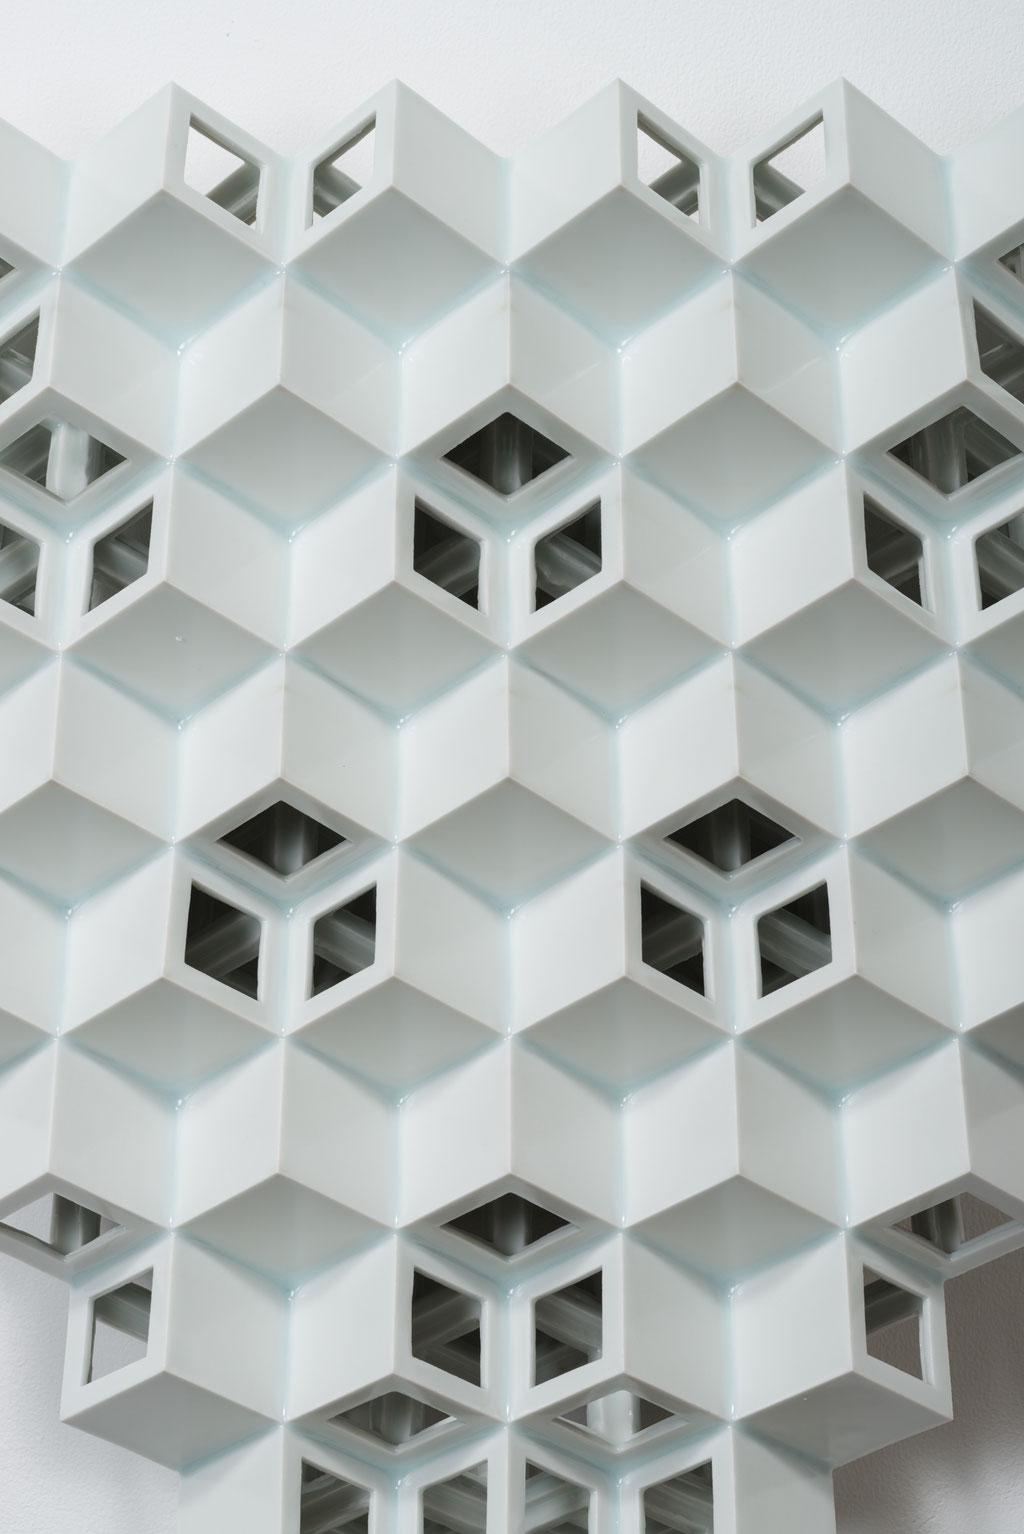 Lattice receptacle‐様相の舞台 1